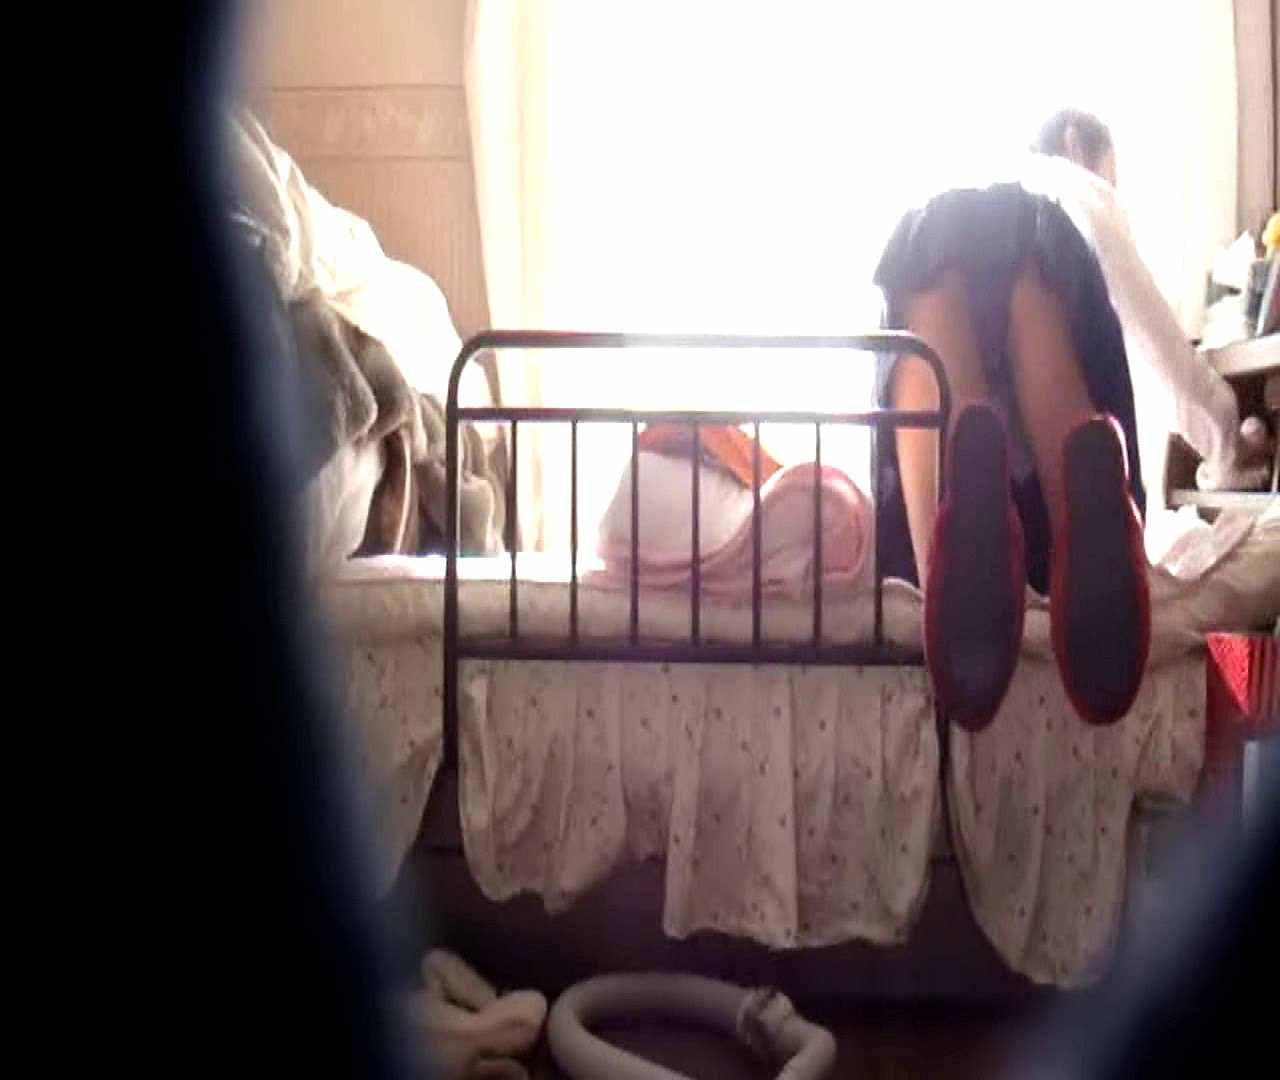 おまんこ:vol.3 まどかがパンツを見せながら部屋掃除、洗面所も少しどうぞ。:怪盗ジョーカー